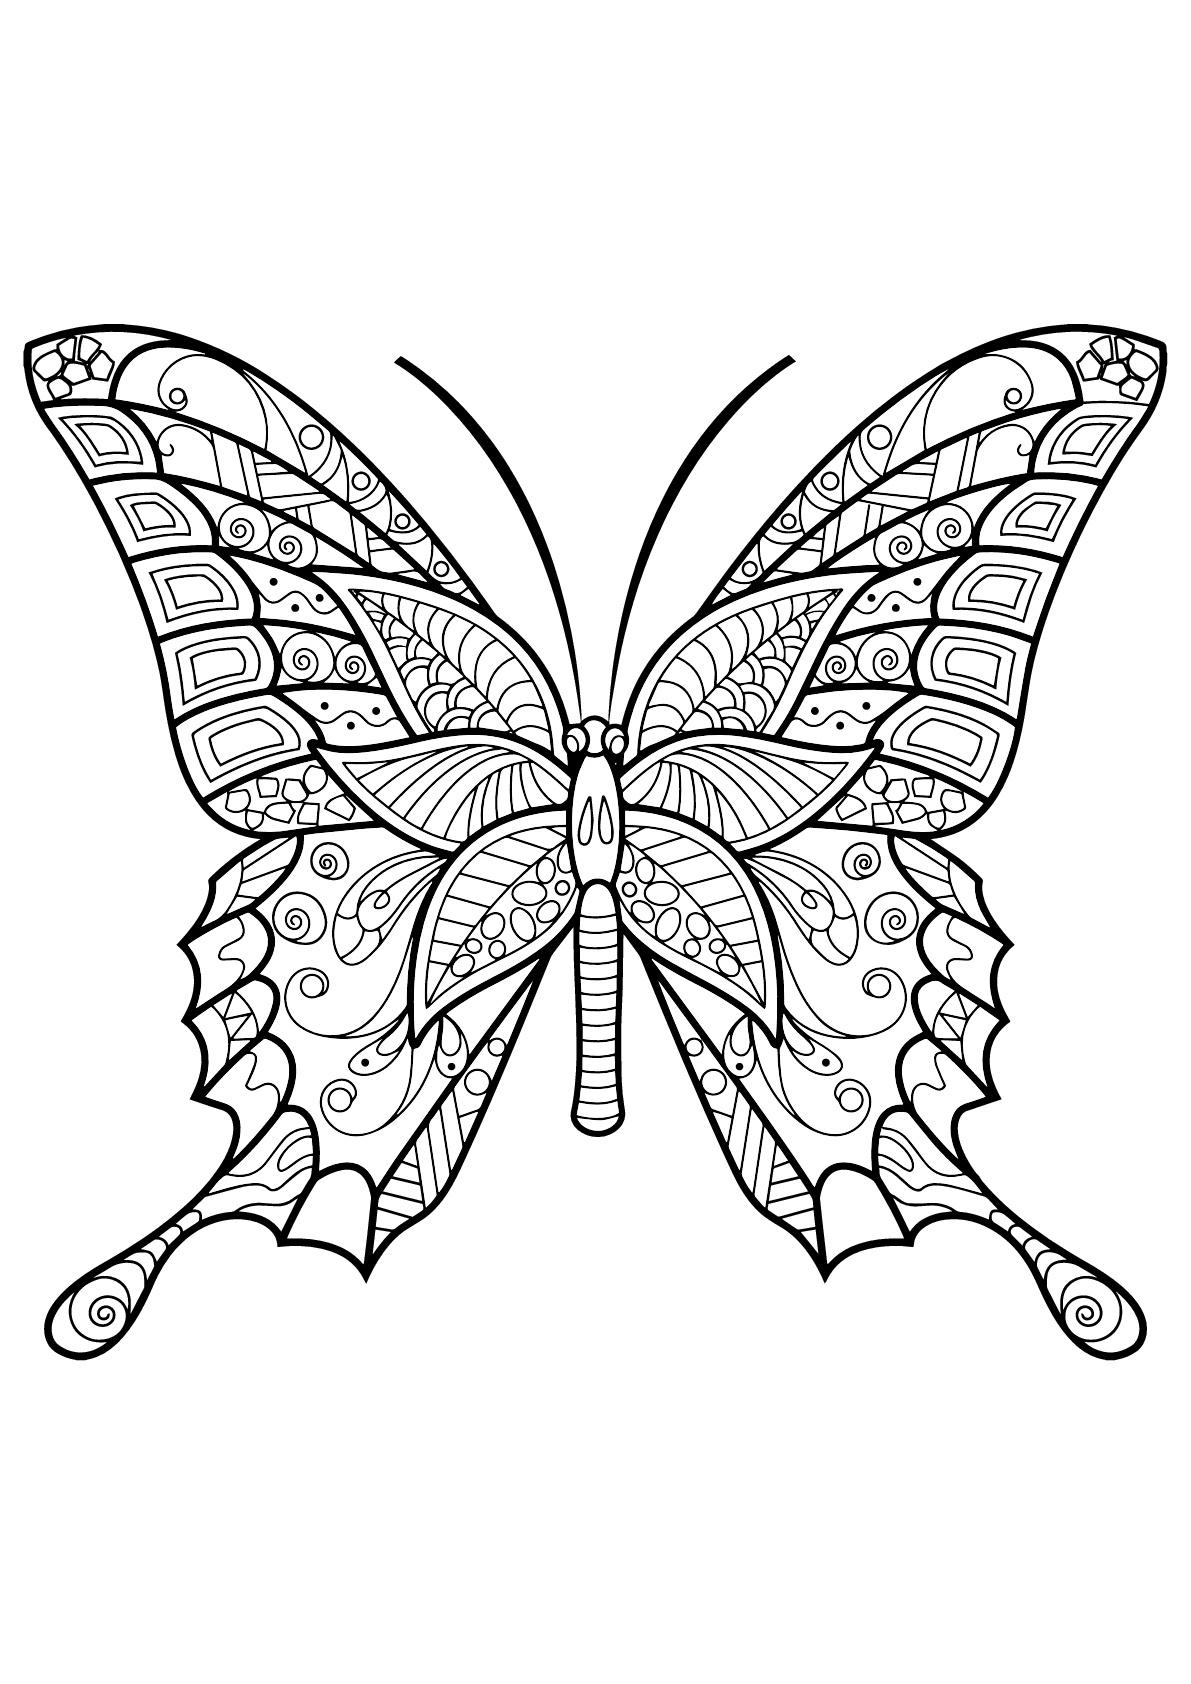 Coloriage De Papillons Gratuit À Colorier - Coloriage De avec Dessin A Imprimer Papillon Gratuit